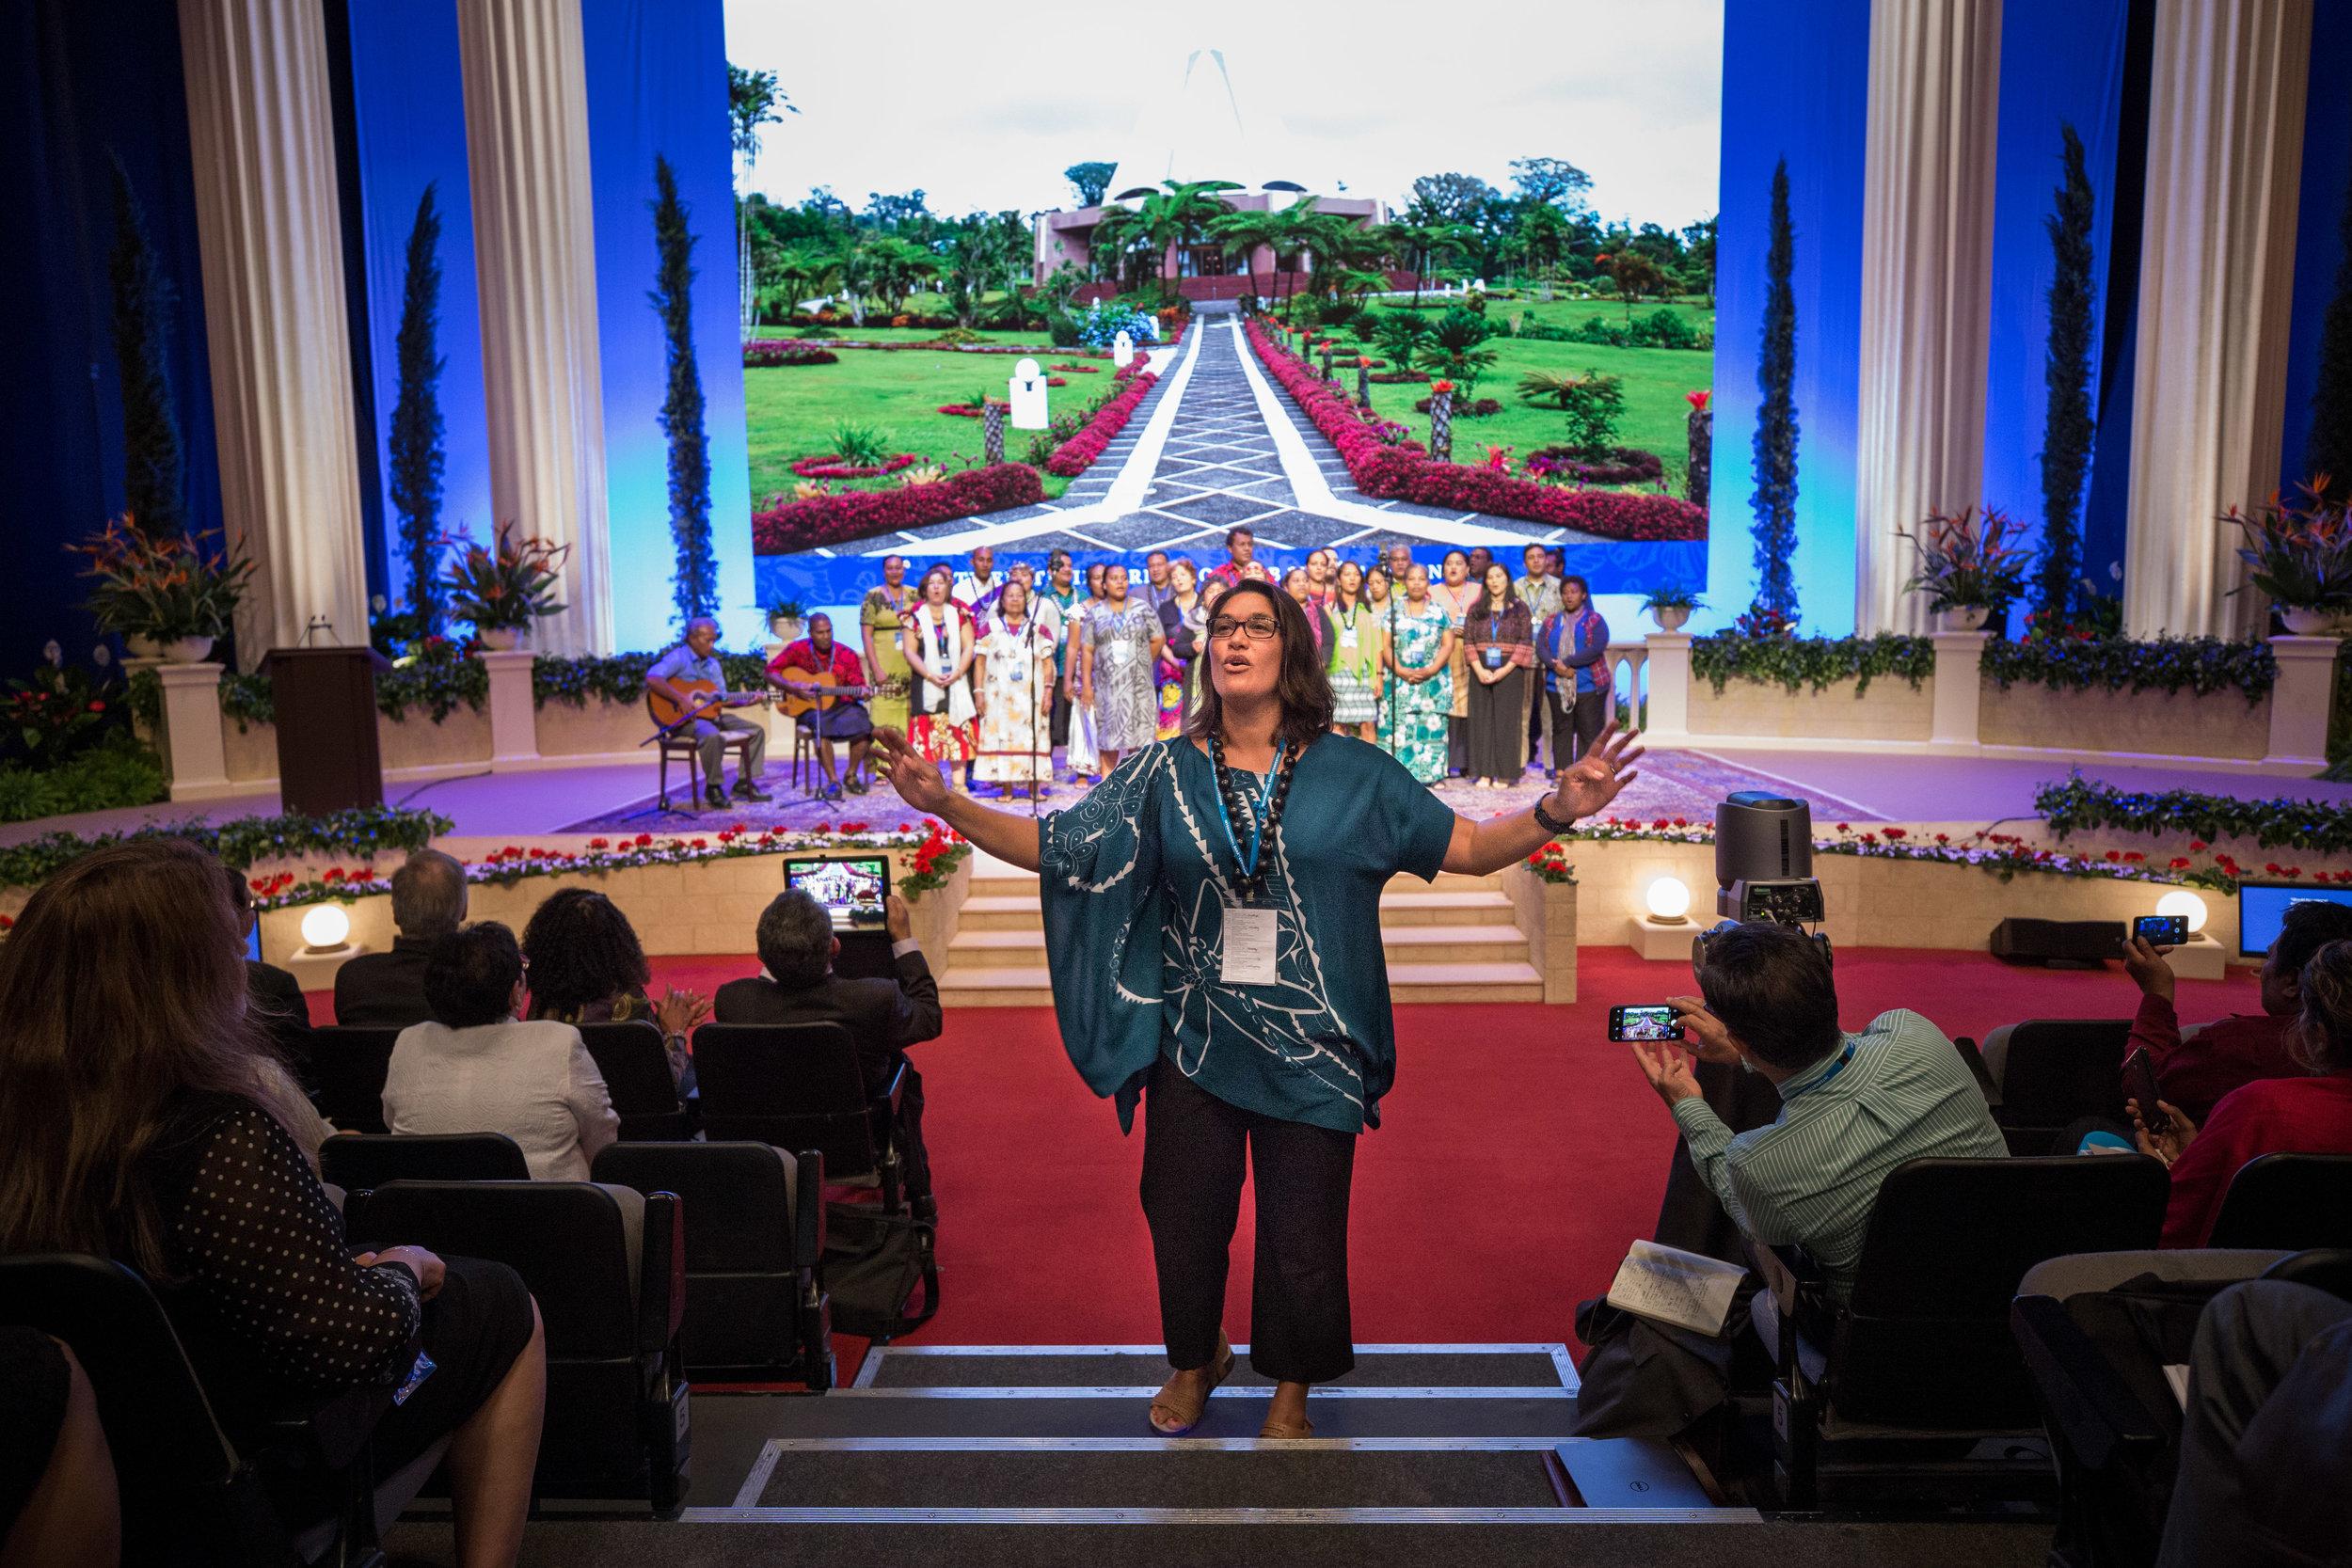 Delegater fra områder i Stillehavet fremfører et musikalsk innslag med deltagelse fra salen. Foto: bahai.org